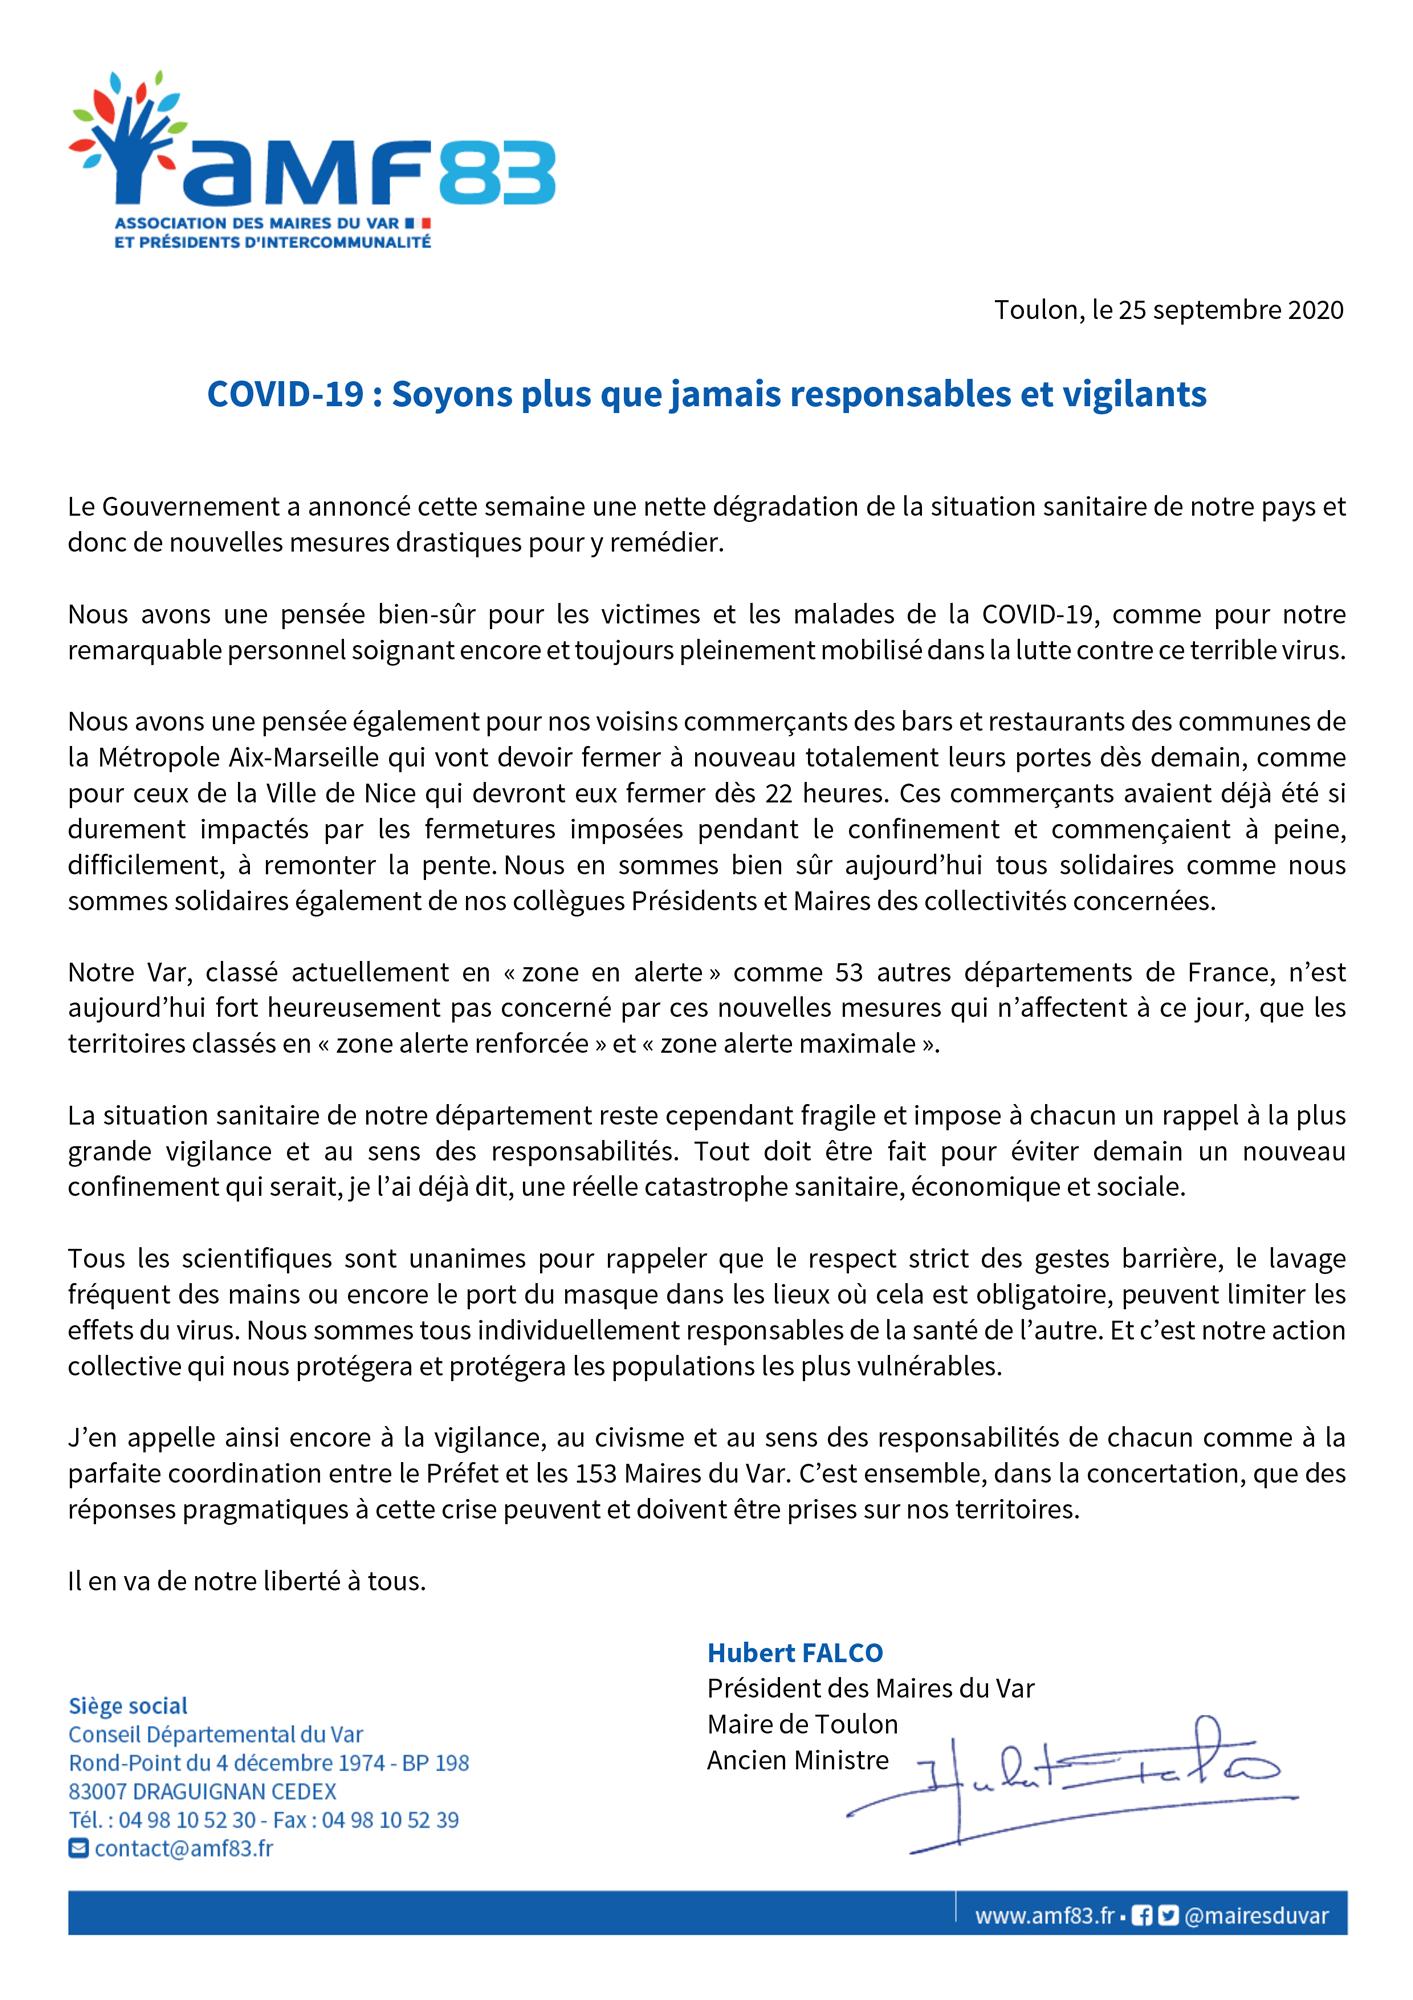 2020.09.25---Nouvelles-mesures-COVID19---Communiqué-d'Hu_bert-FALCO